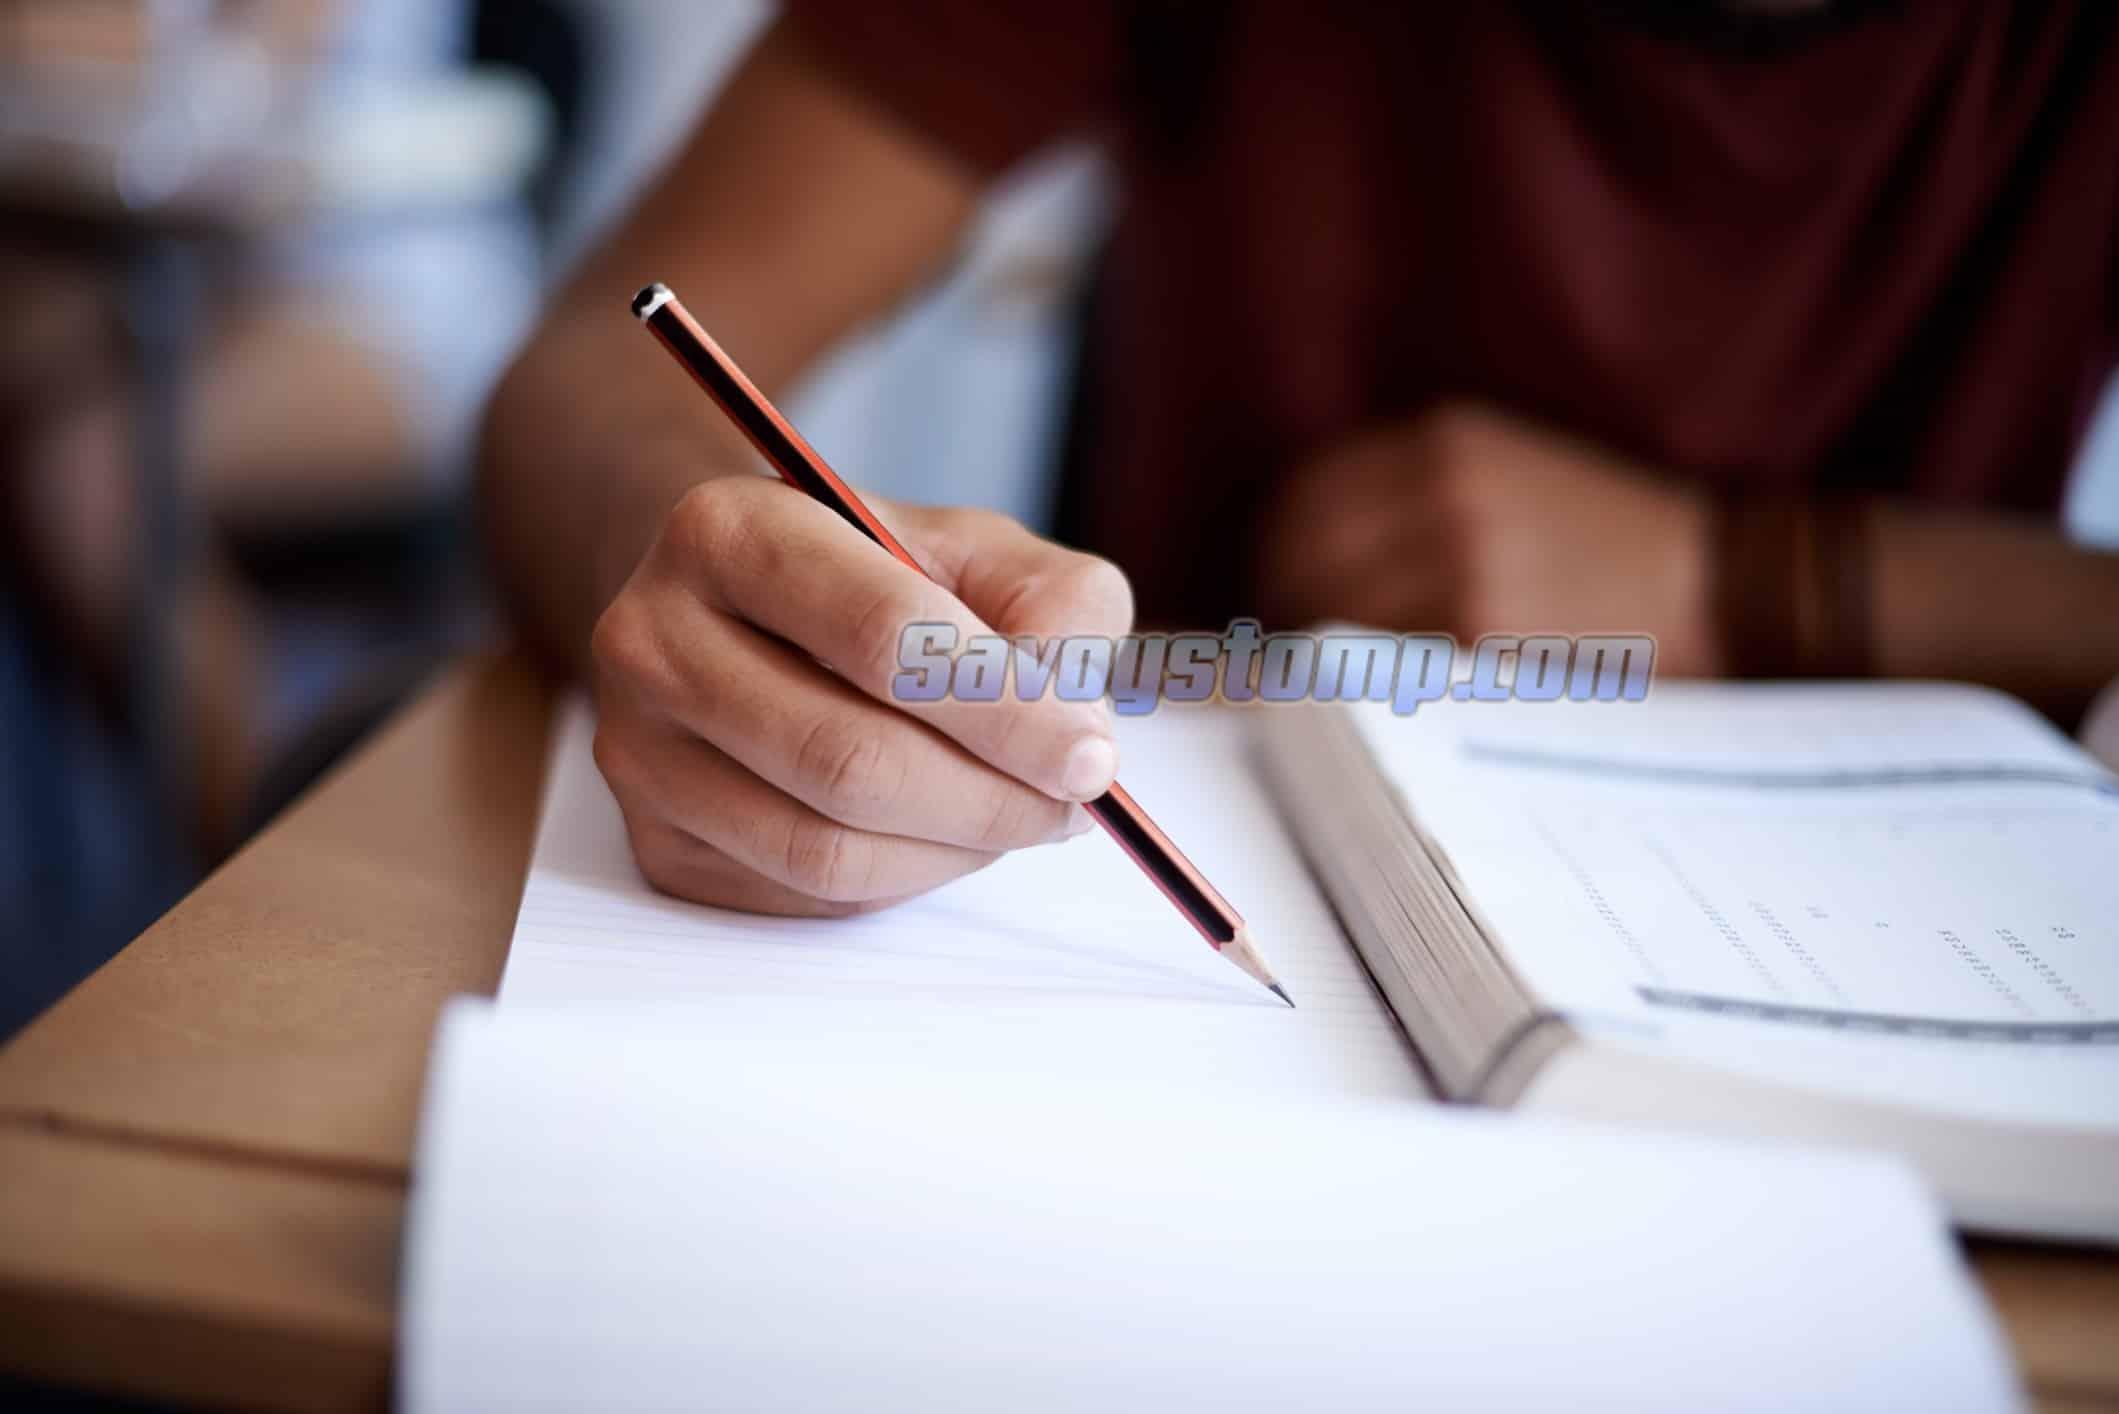 Mempersiapkan-diri-dengan-Mempelajari-Contoh-Soal-UAS-Matematika-Kelas-9